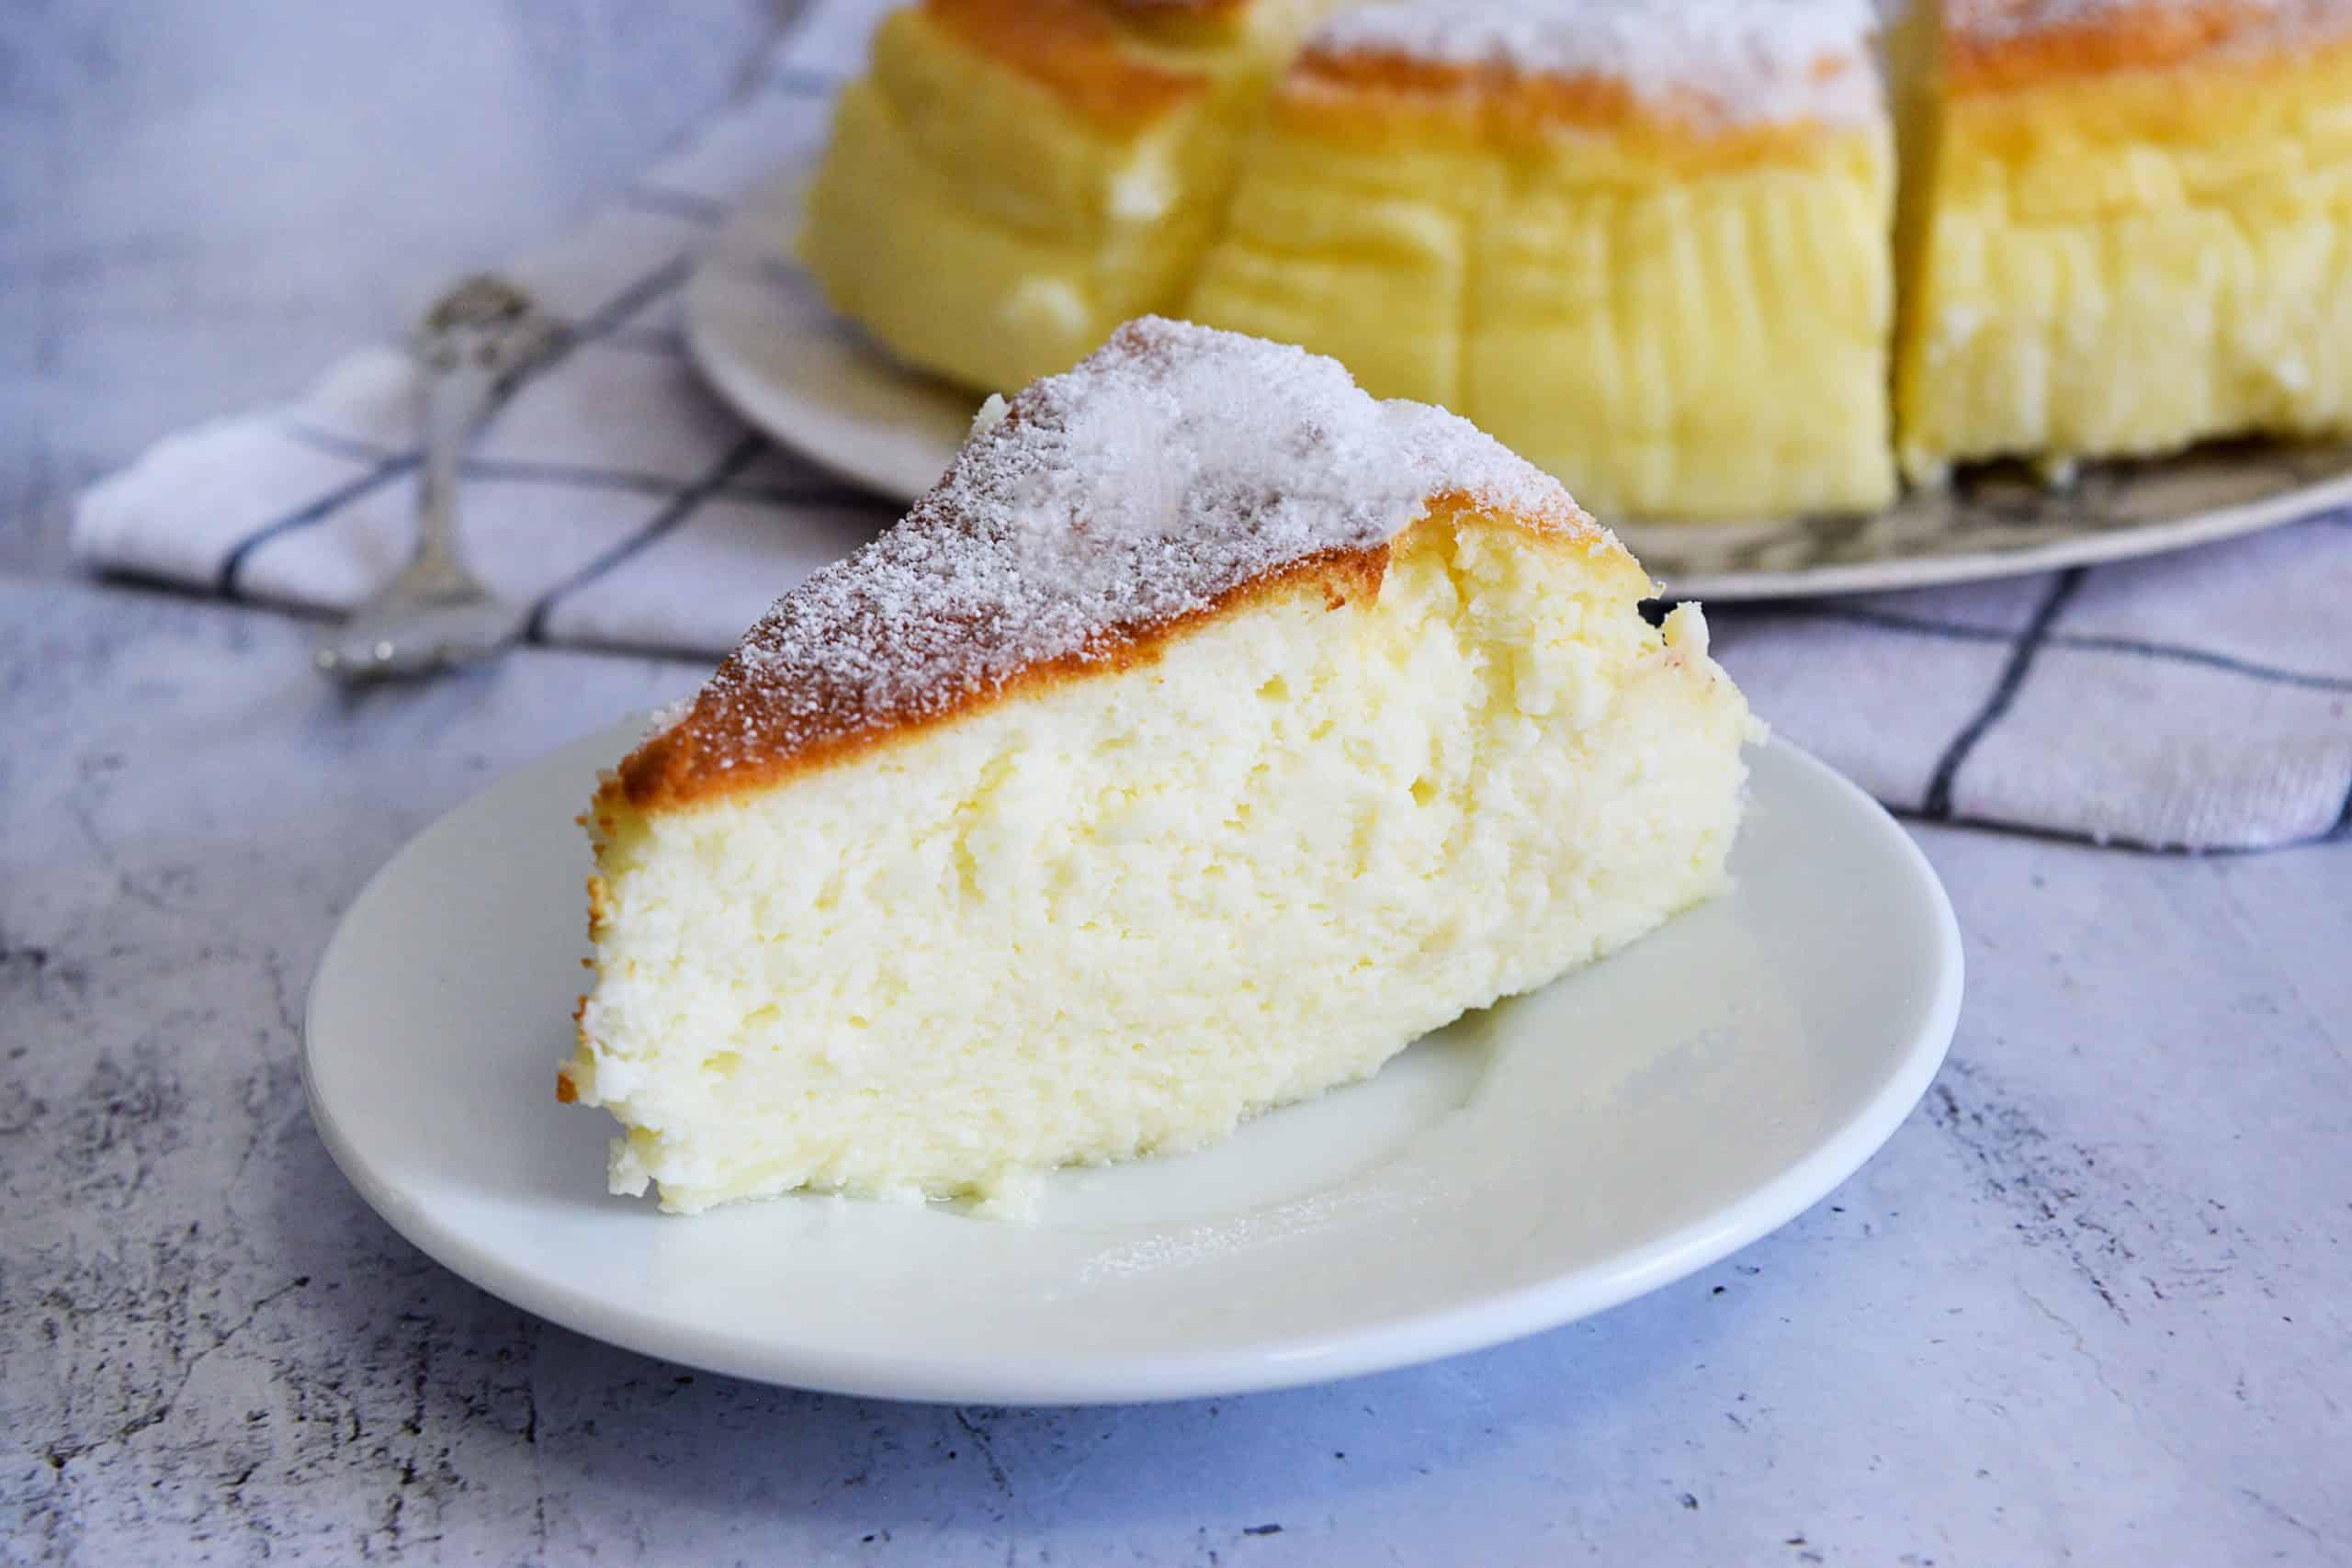 עוגת גבינה אפויה קלאסית הכי טעימה שתאכלו | צילום: ספיר דהן